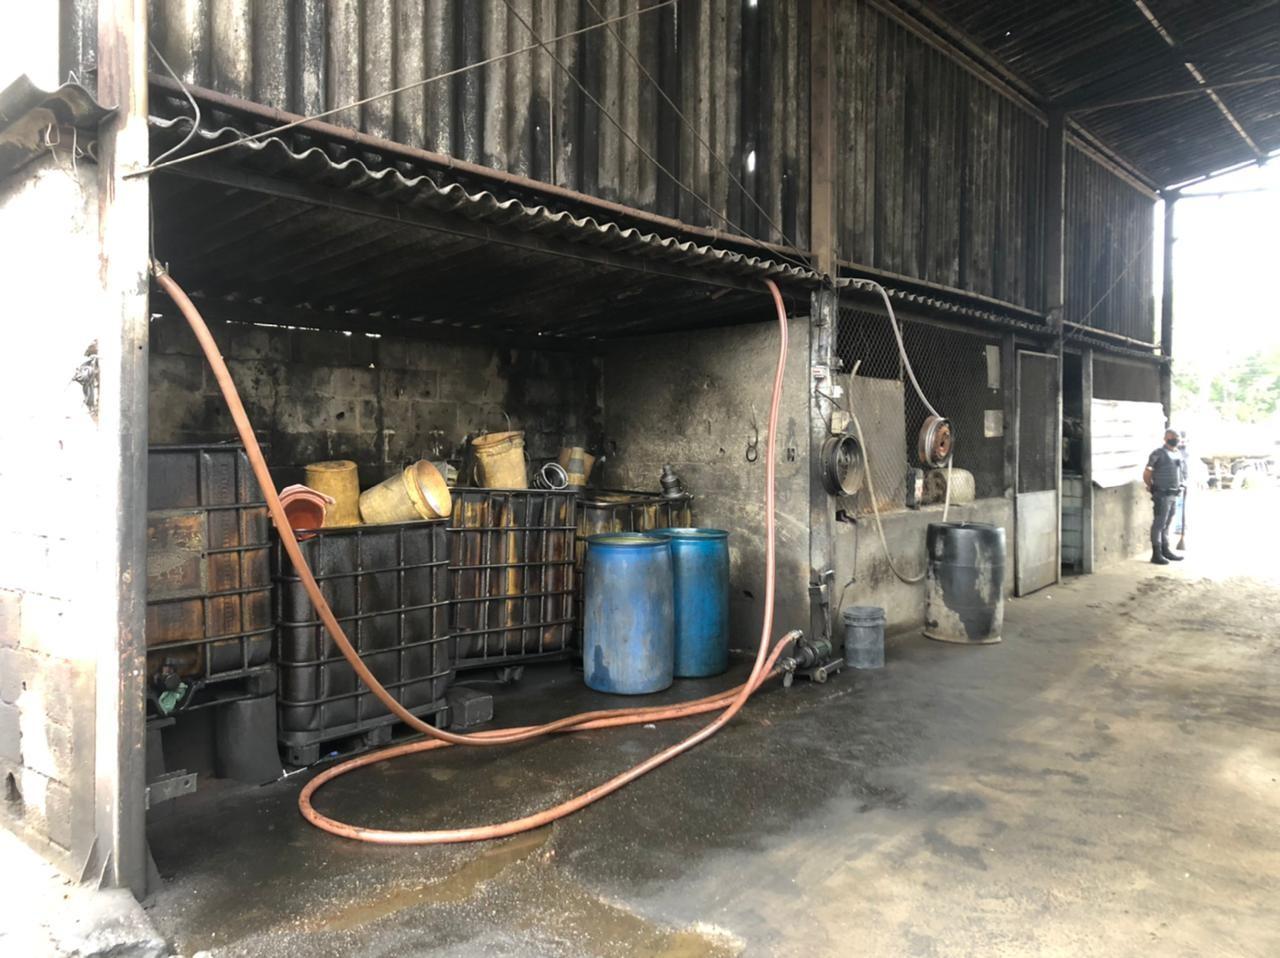 Operação do MP apura desvio e adulteração de combustível em São José dos Campos